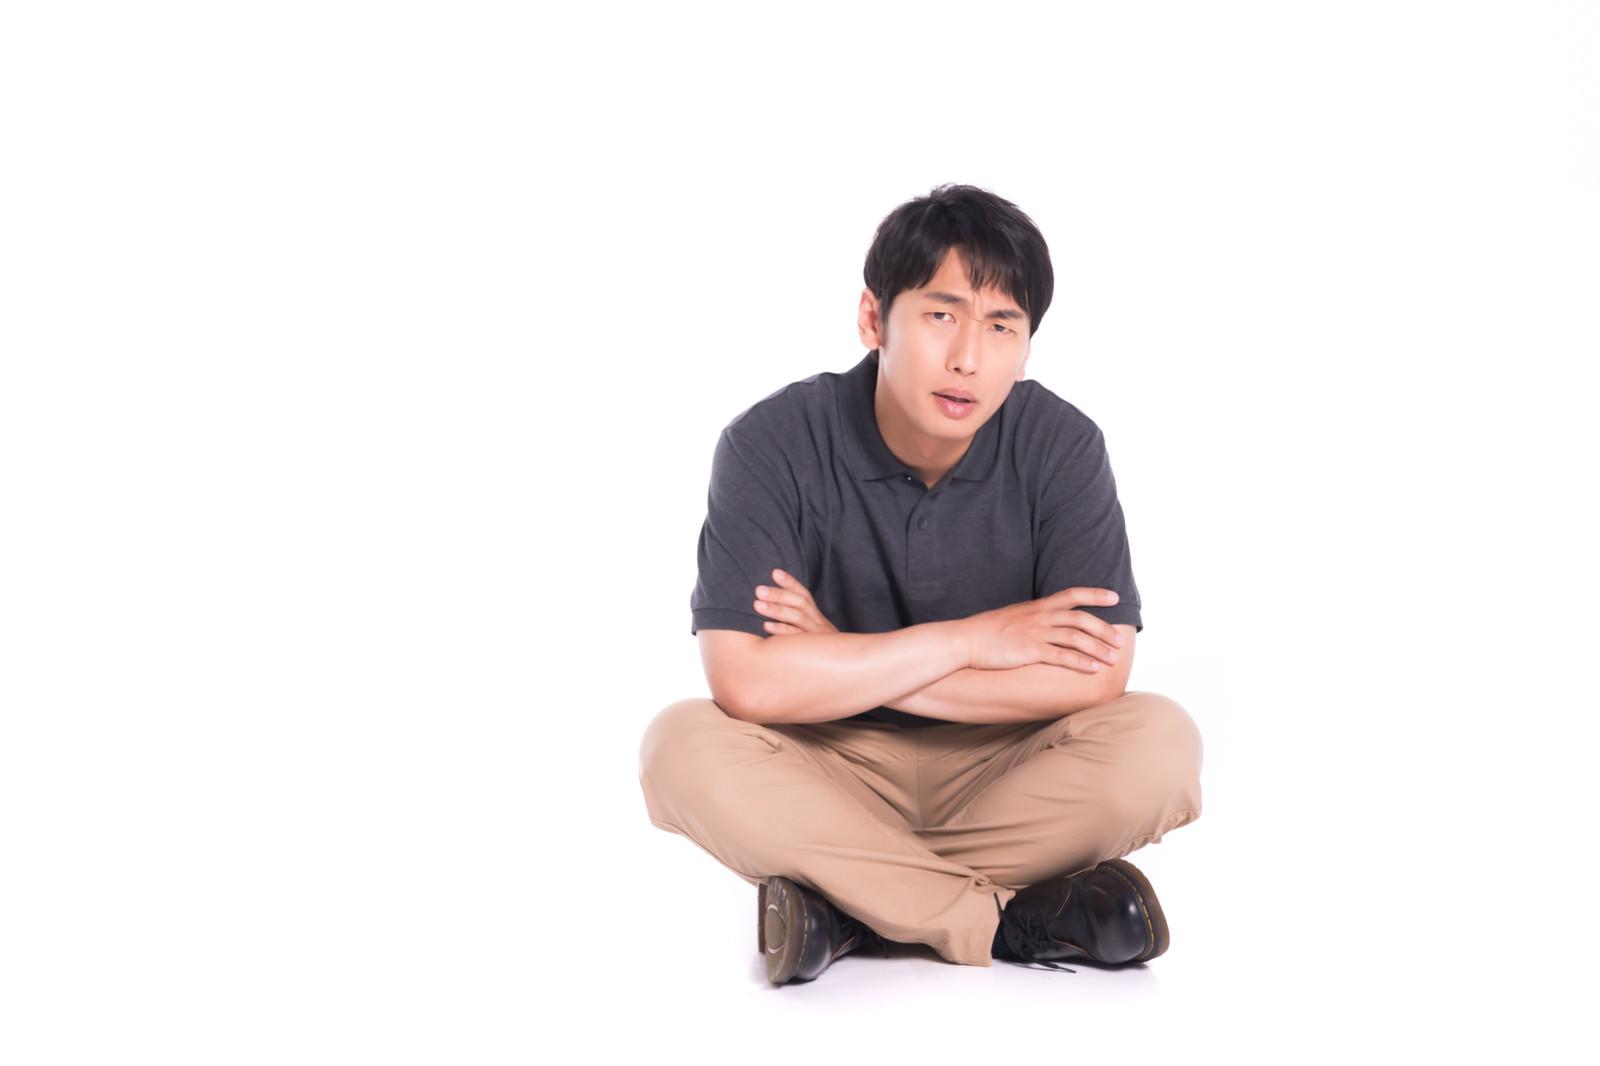 「座り込んで動かないクレーマー」の写真[モデル:大川竜弥]